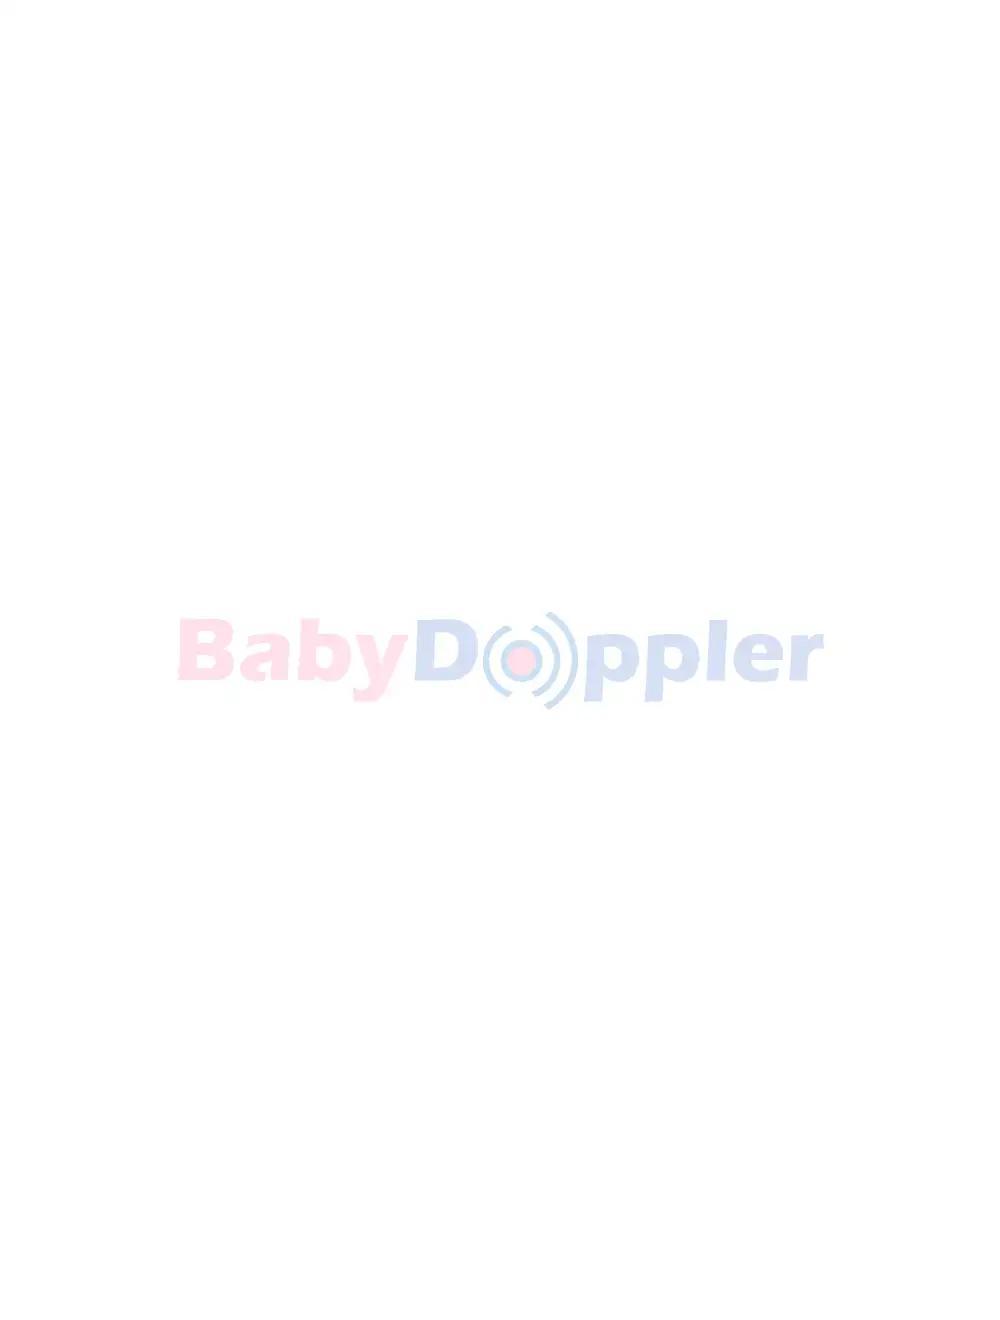 Bess H Carter showcasing Pink Sonoline B Fetal Doppler by Baby Doppler